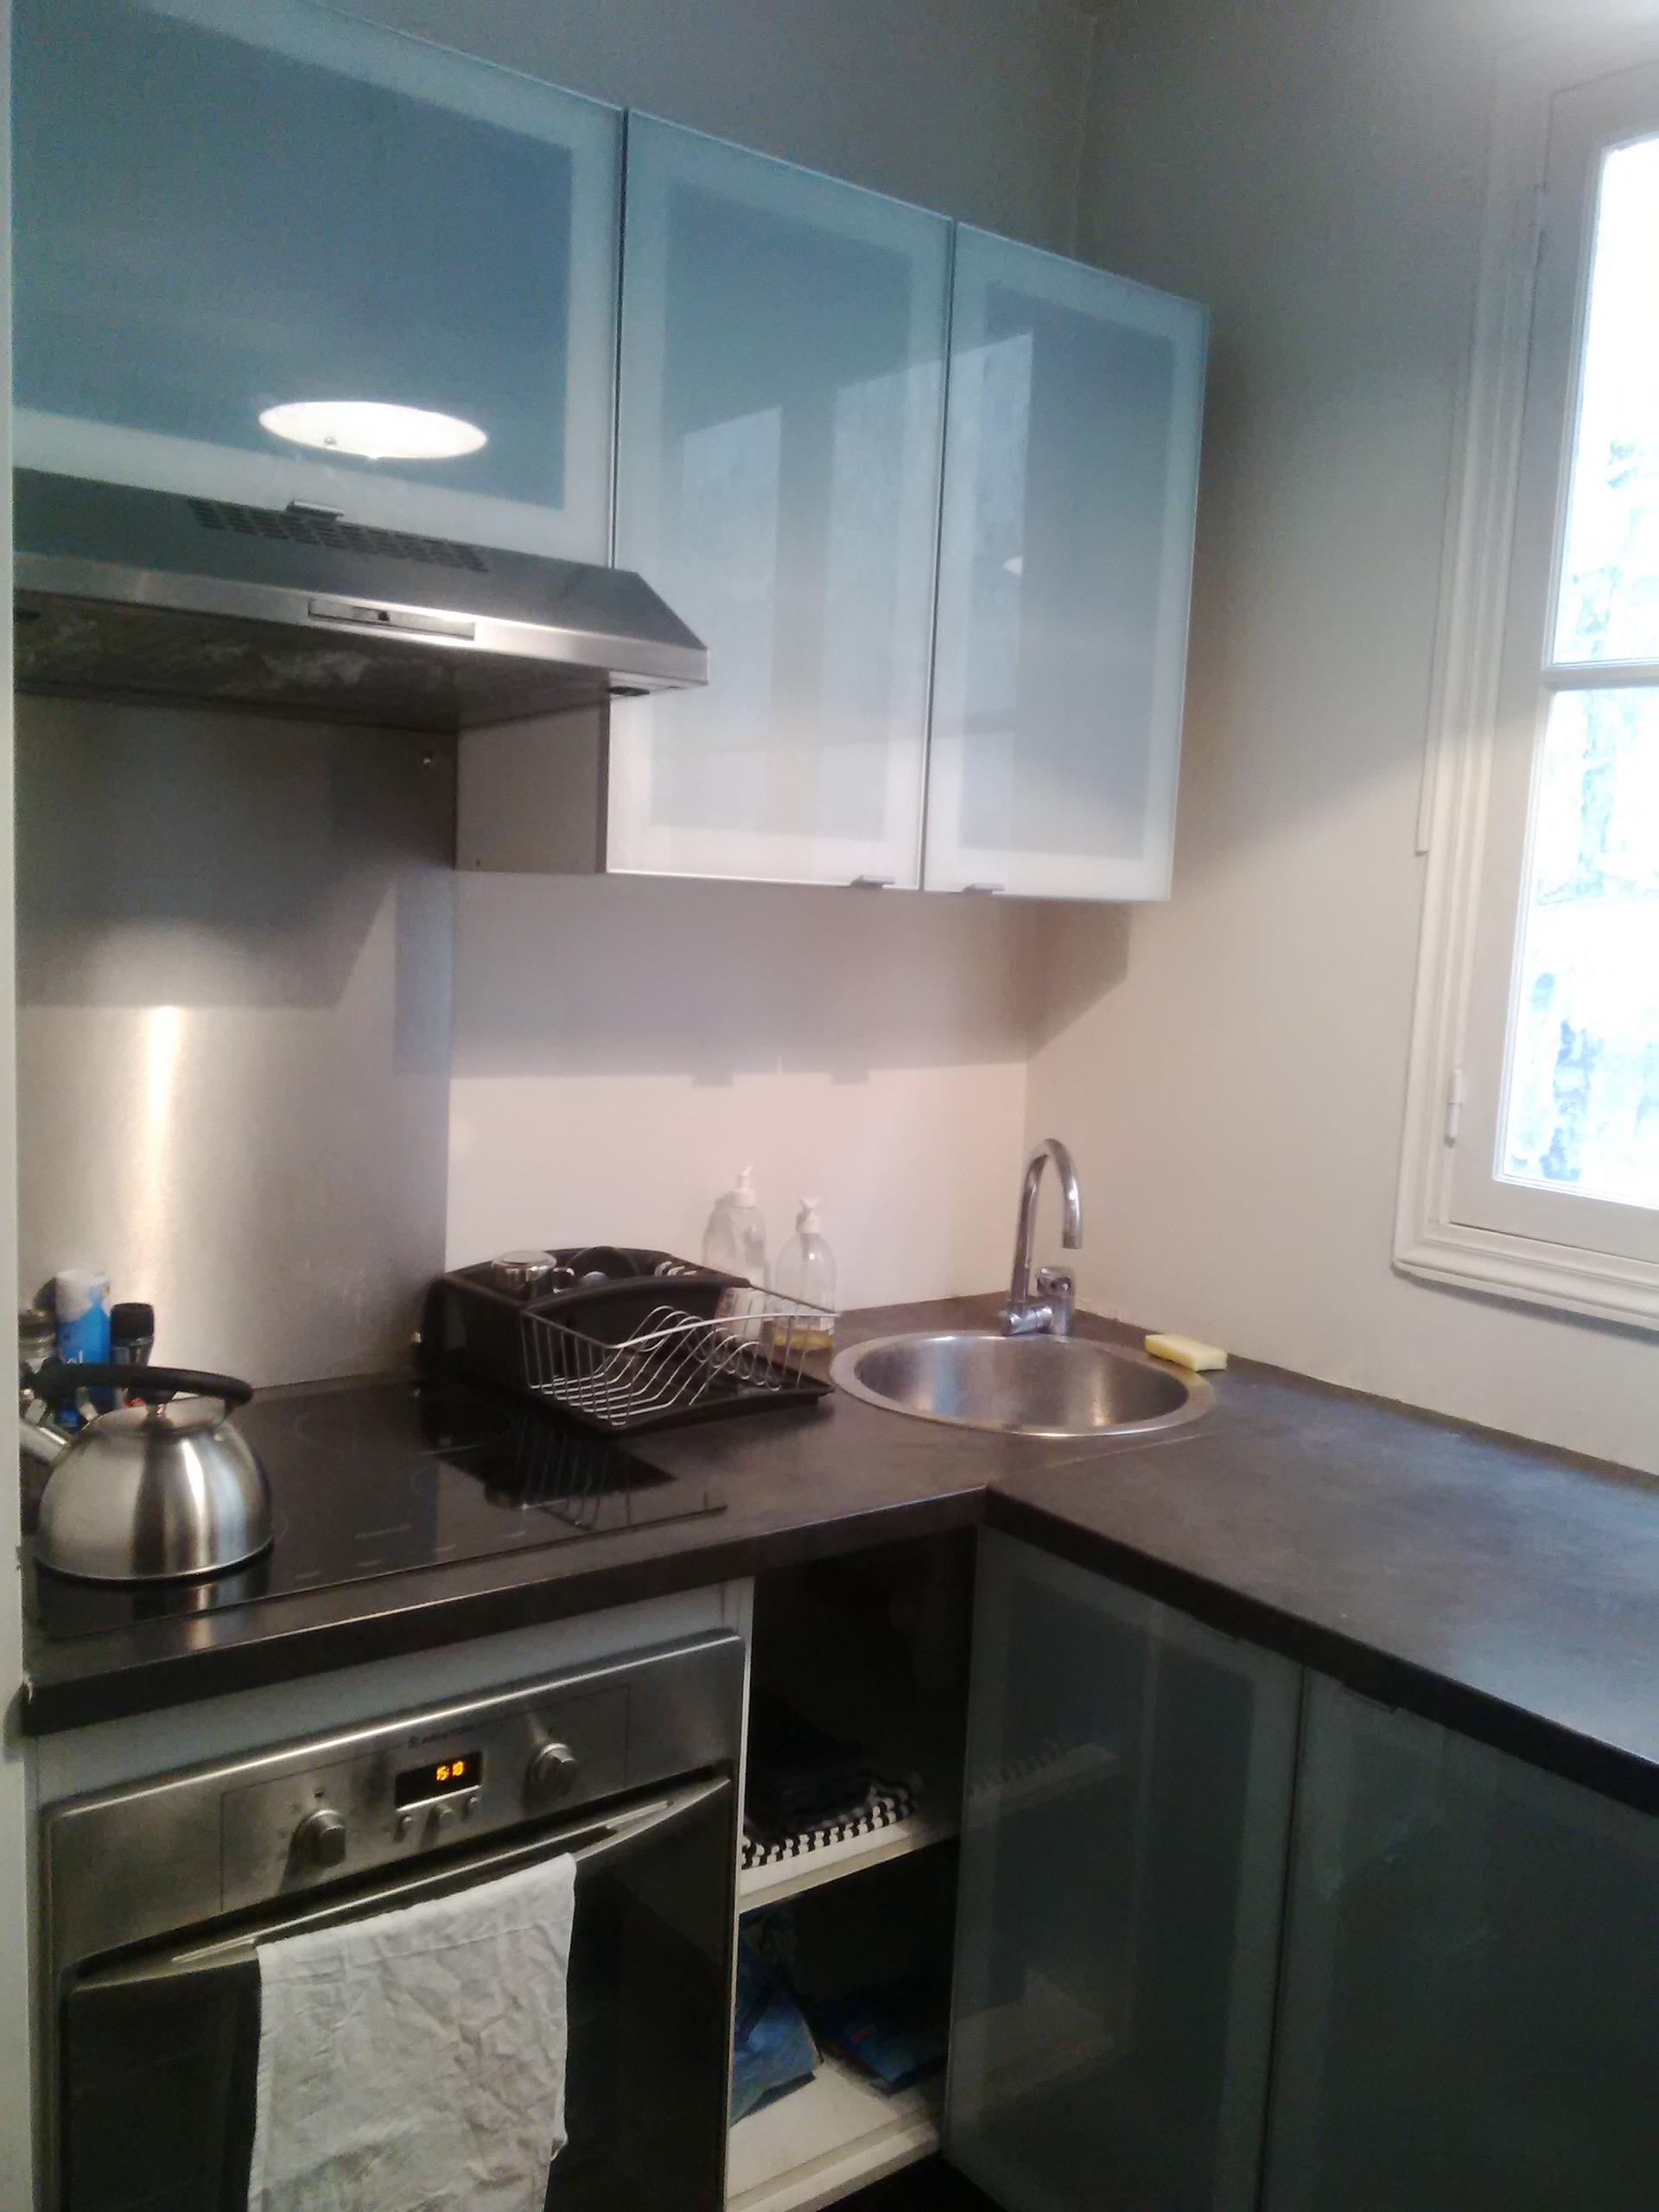 Amenager cuisine 6m2 plan salle de bain 6m2 perpignan pas - Amenagement cuisine 4m2 ...